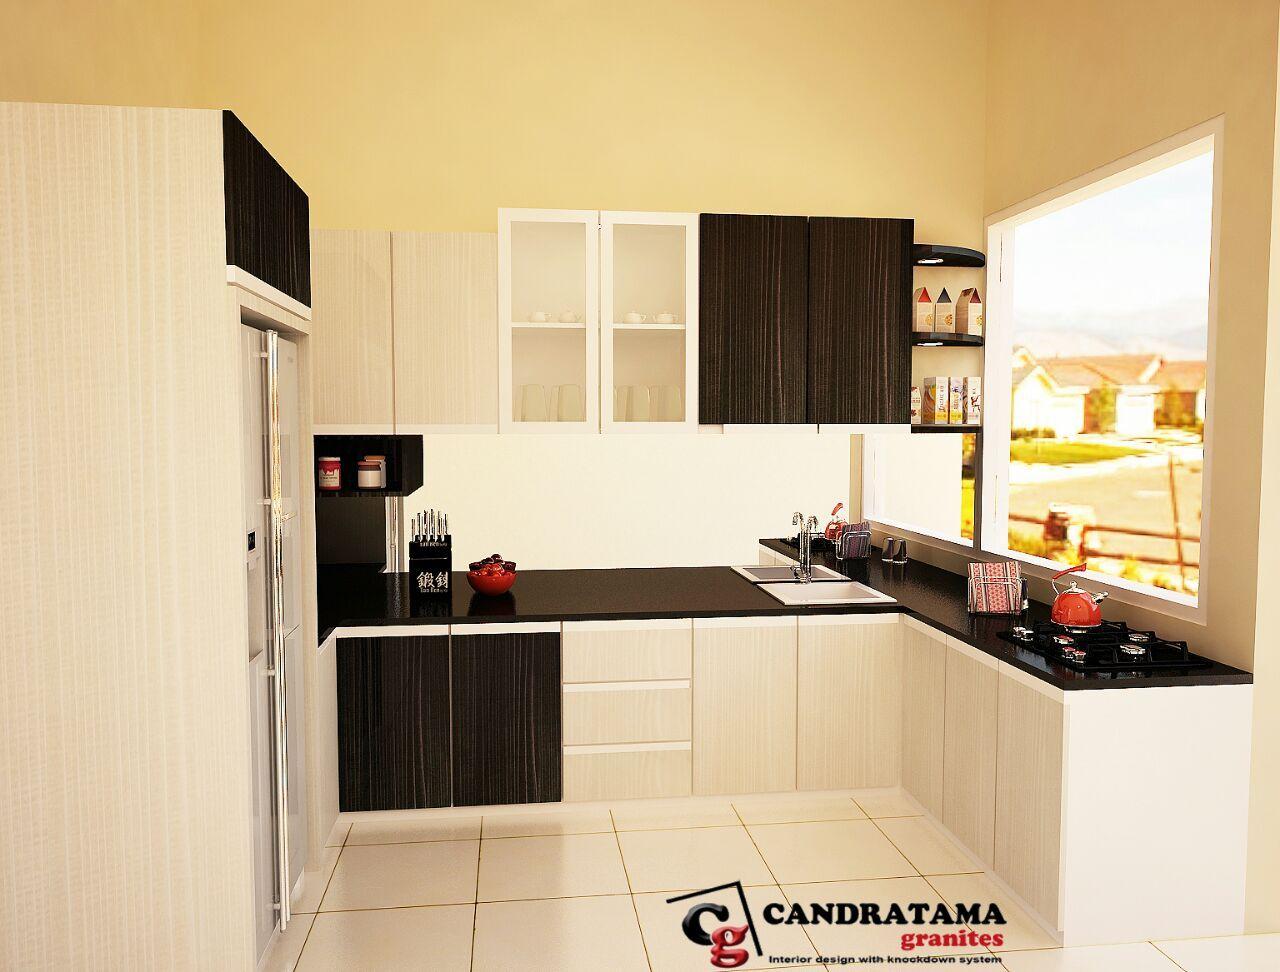 Pin Oleh Desain Interior Kediri 082183 Di Kitchen Set 082183260005 Di 2020 Interior Desain Interior Interior Dapur